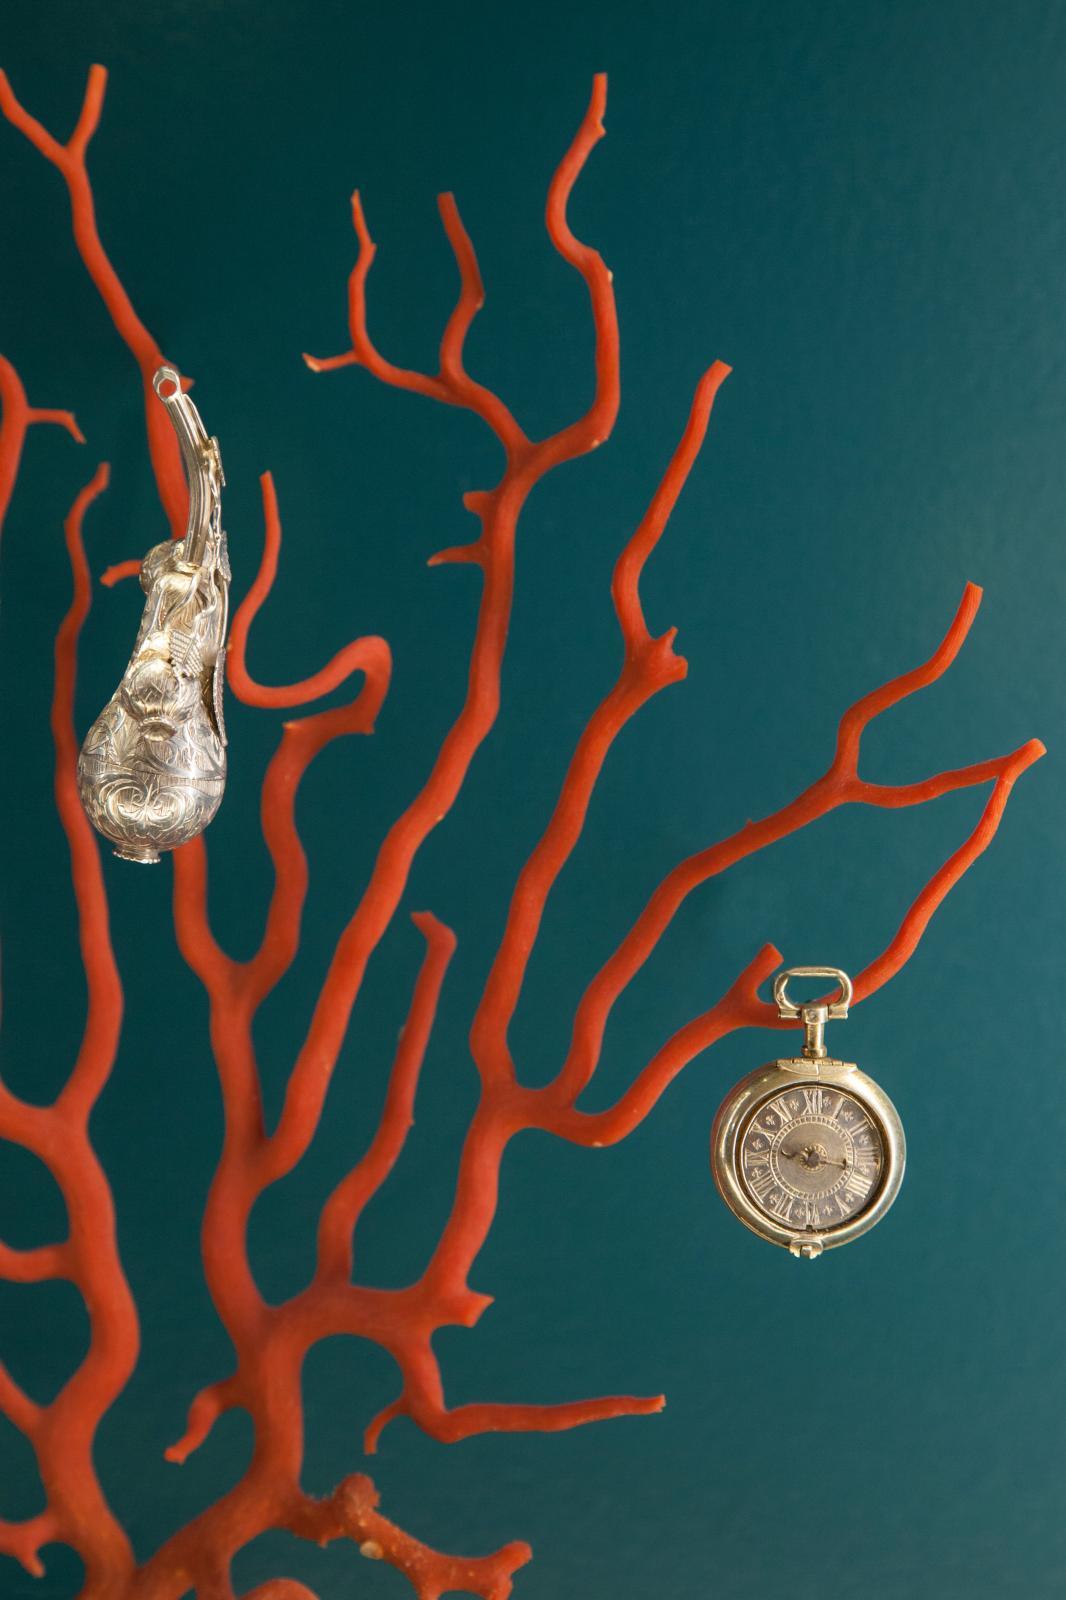 Branche de corail ancienne, pomander en argenten forme de poire et boîteà épices «fausse montre»en argent doré. © Fragonard Parfumeur